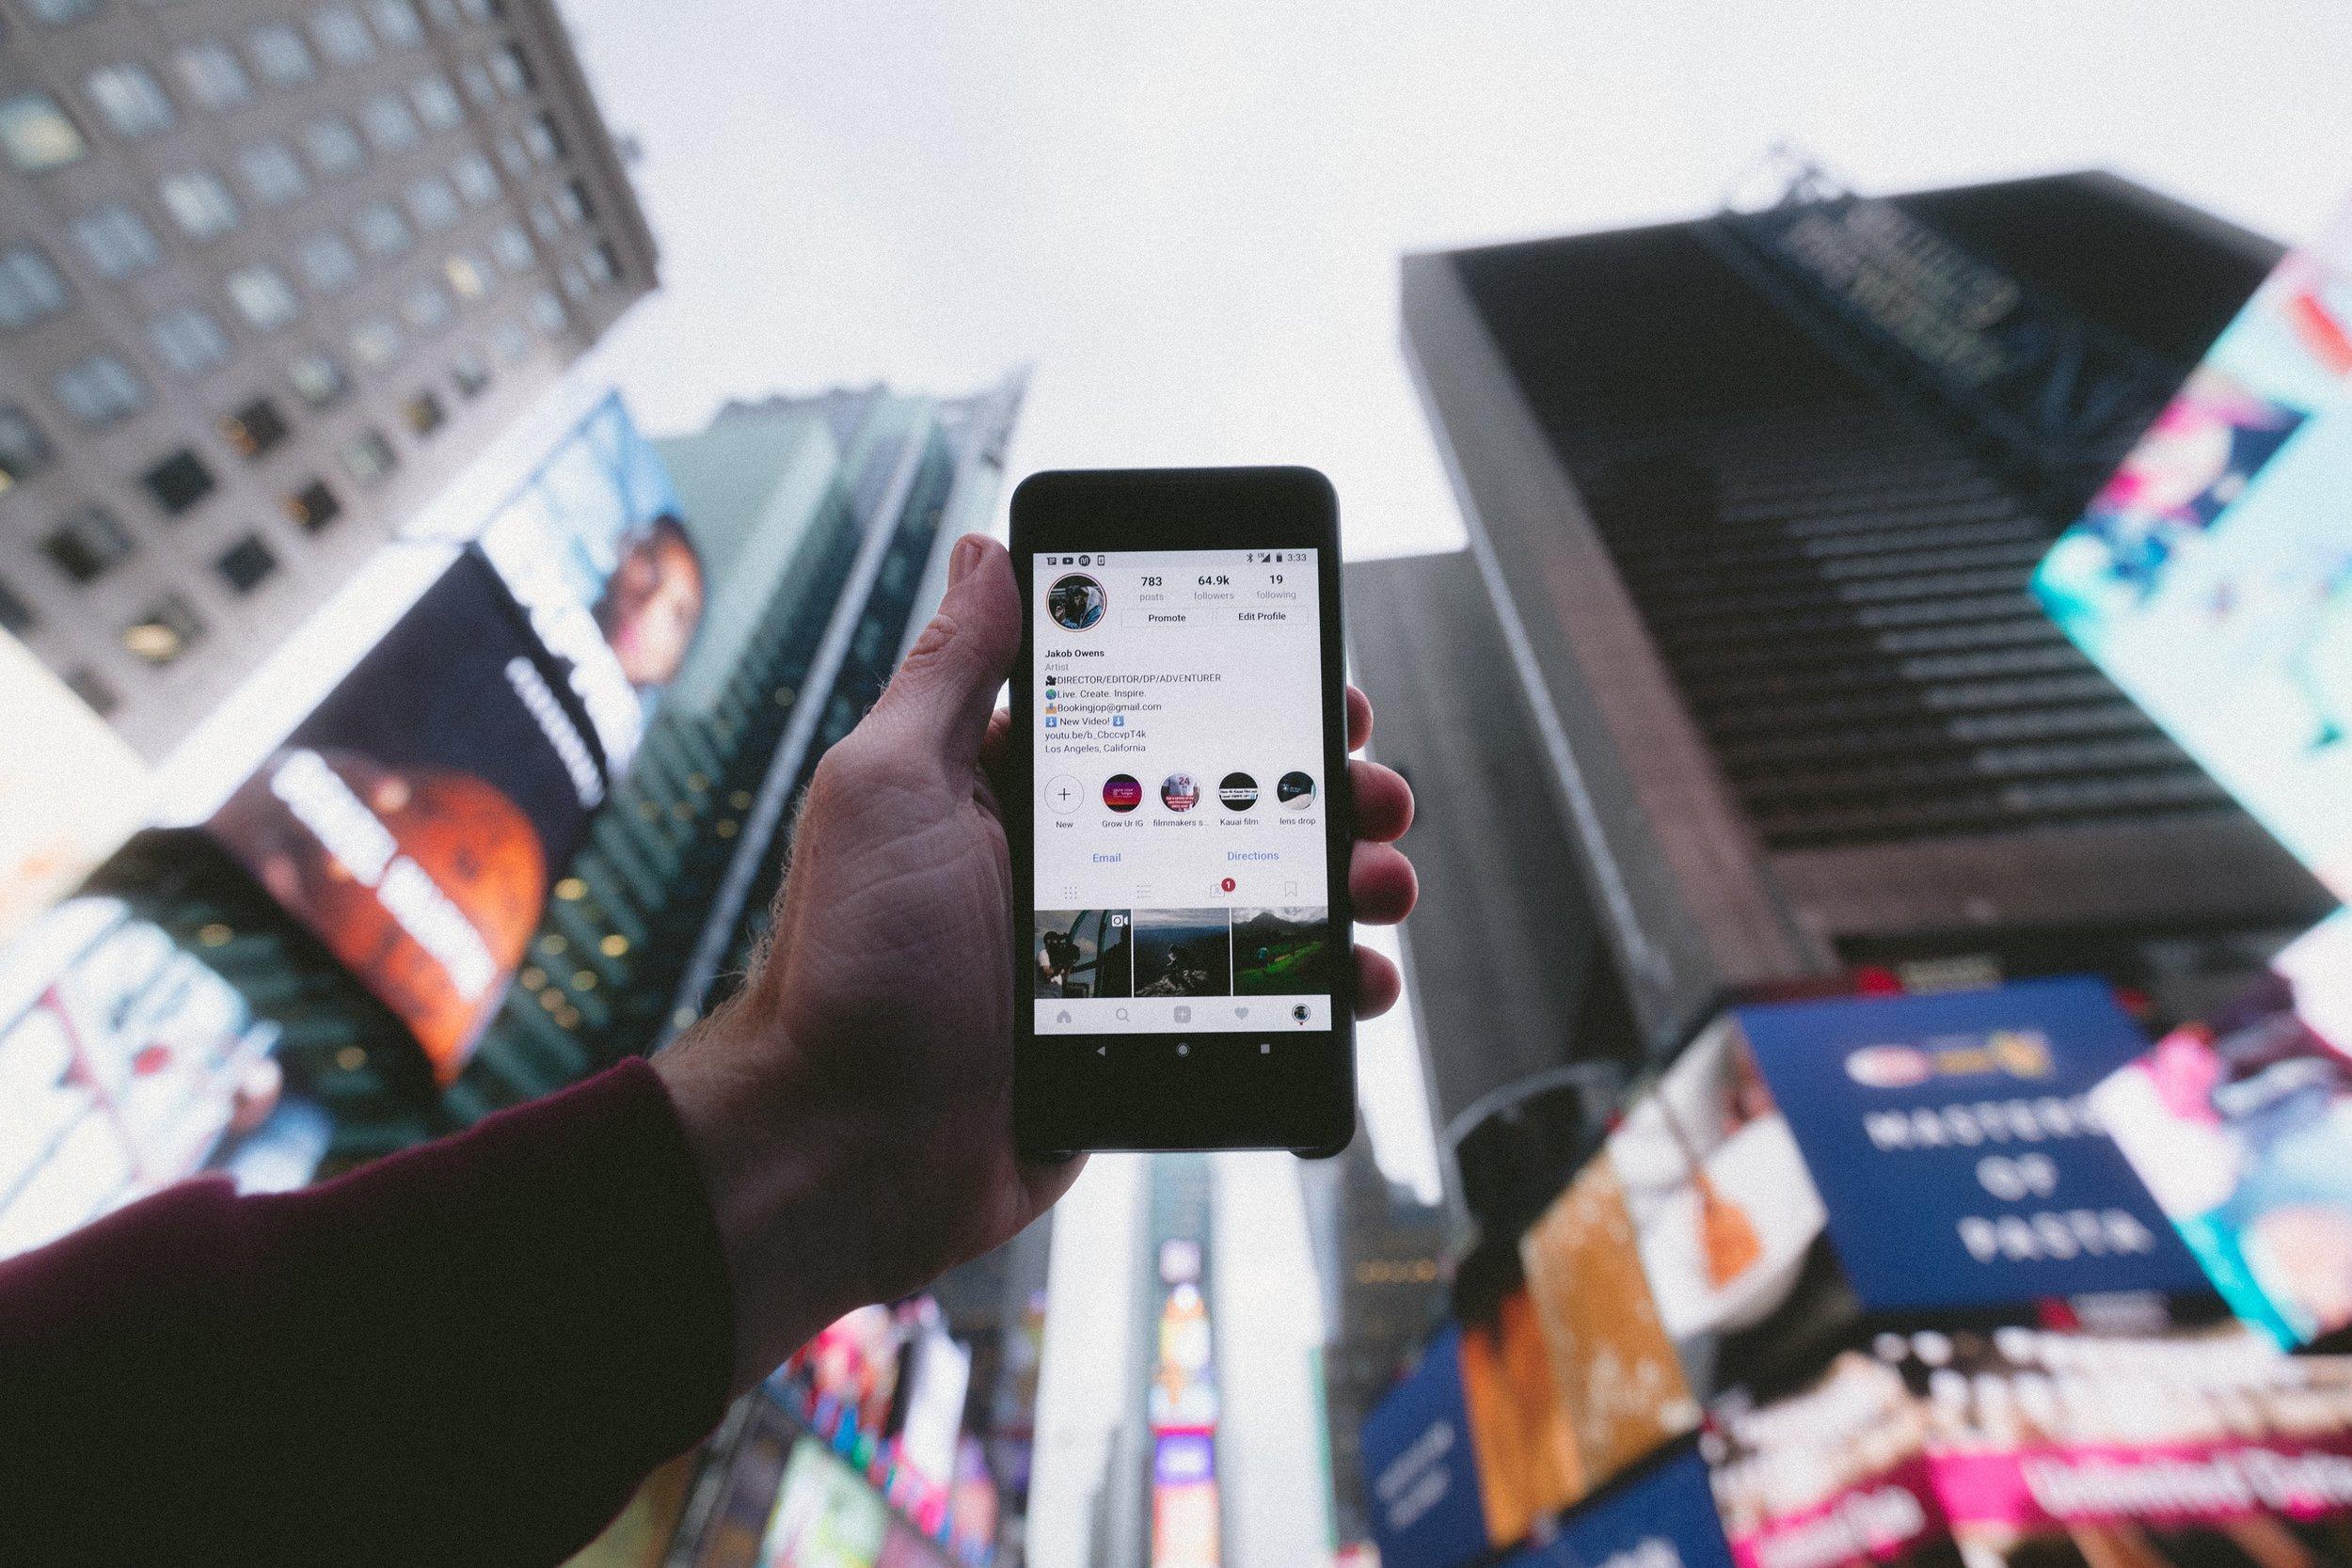 소셜미디어 채널 - 스마트폰이 현대인의 필수 품목이 됨에 따라 소셜 미디어를 통한 마케팅은 그 어느 때보다 중요합니다. 소셜 미디어를 통한 제품 및 서비스를 노출시킨 후 꾸준한 컨텐츠 업데이트 및 직접 참여 가능한 이벤트 개최 등을 통해 소비자들간의 자연스러운 입소문(buzz)을 유도합니다.